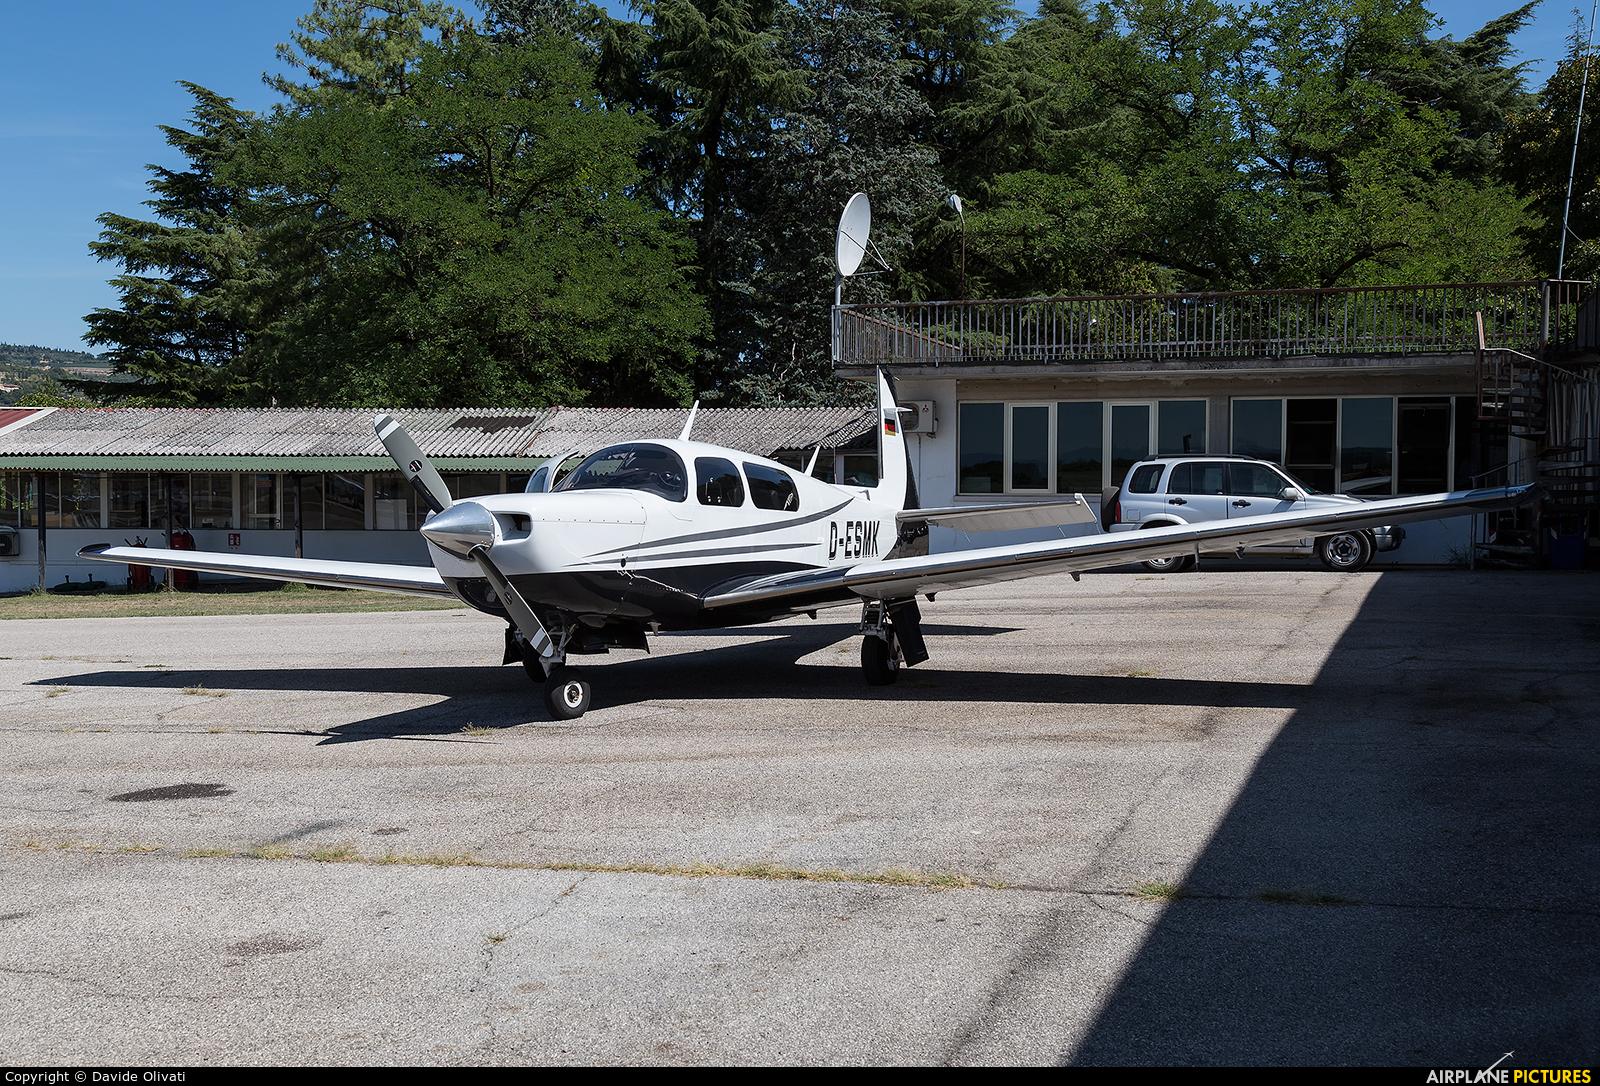 Elicottero 118 Verona : D esmk private mooney m d at verona boscomantico photo id